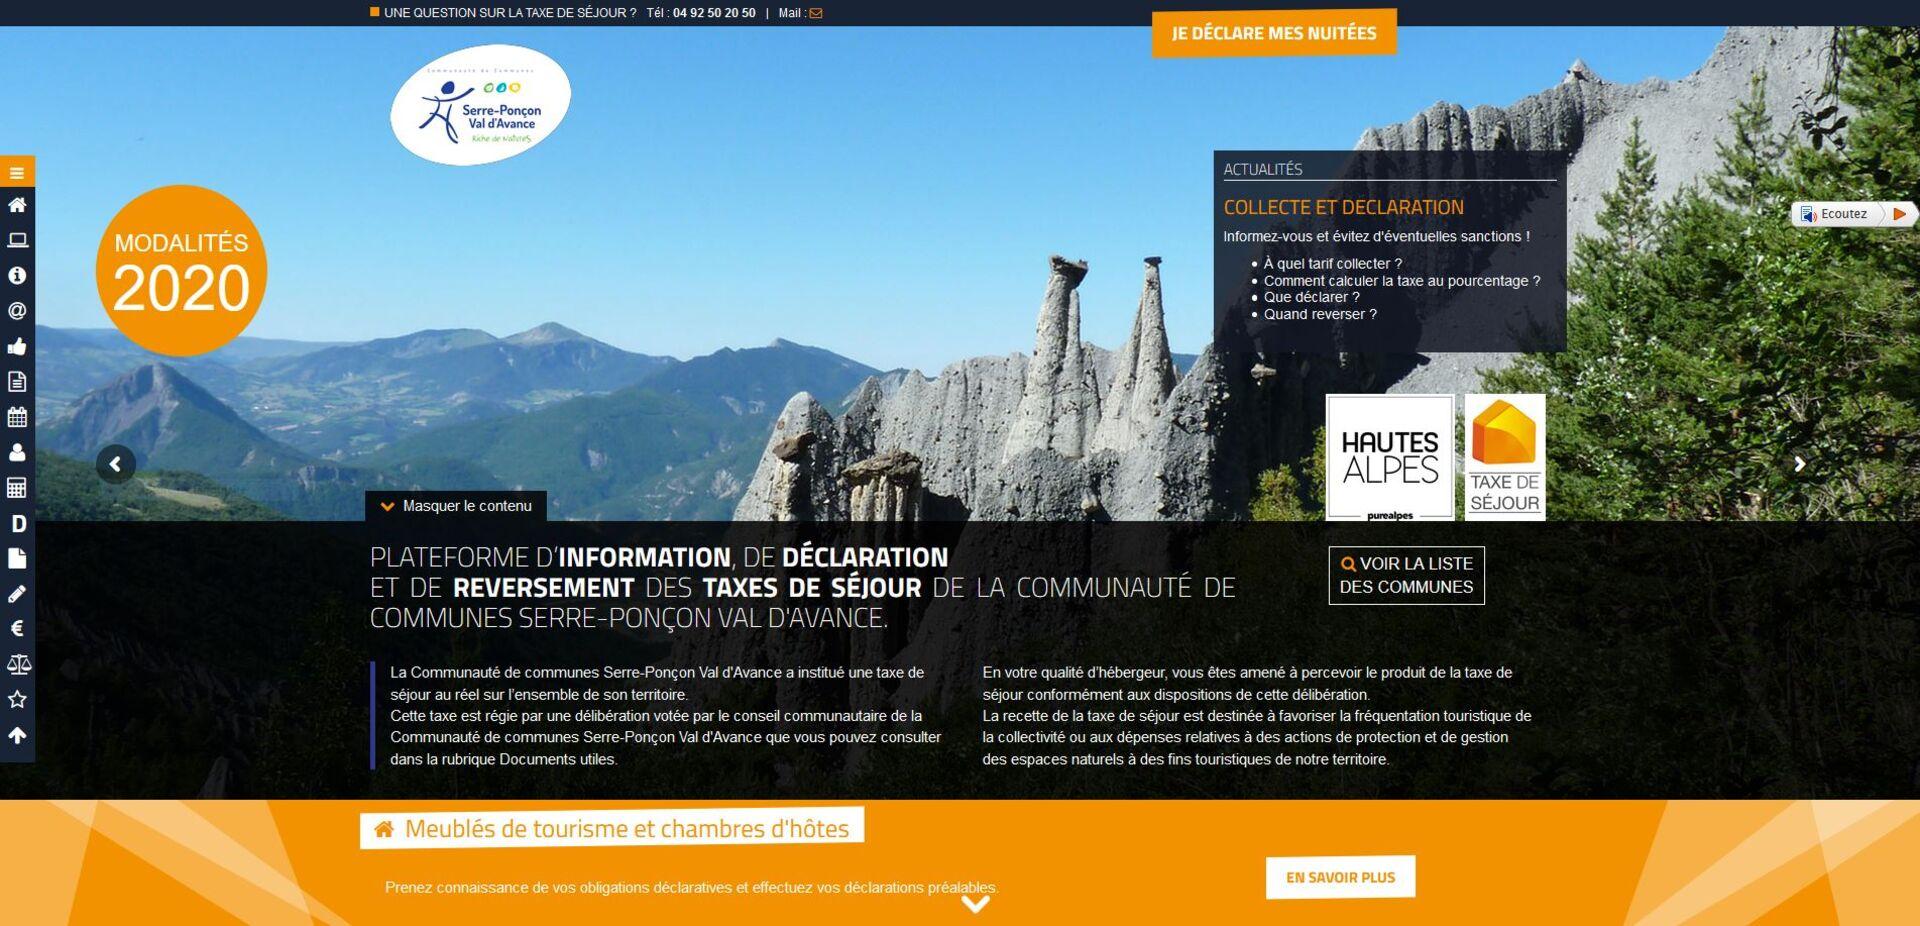 RENDEZ-VOUS SUR LA PLATEFORME DEDIEE ccspva.taxesejour.fr !